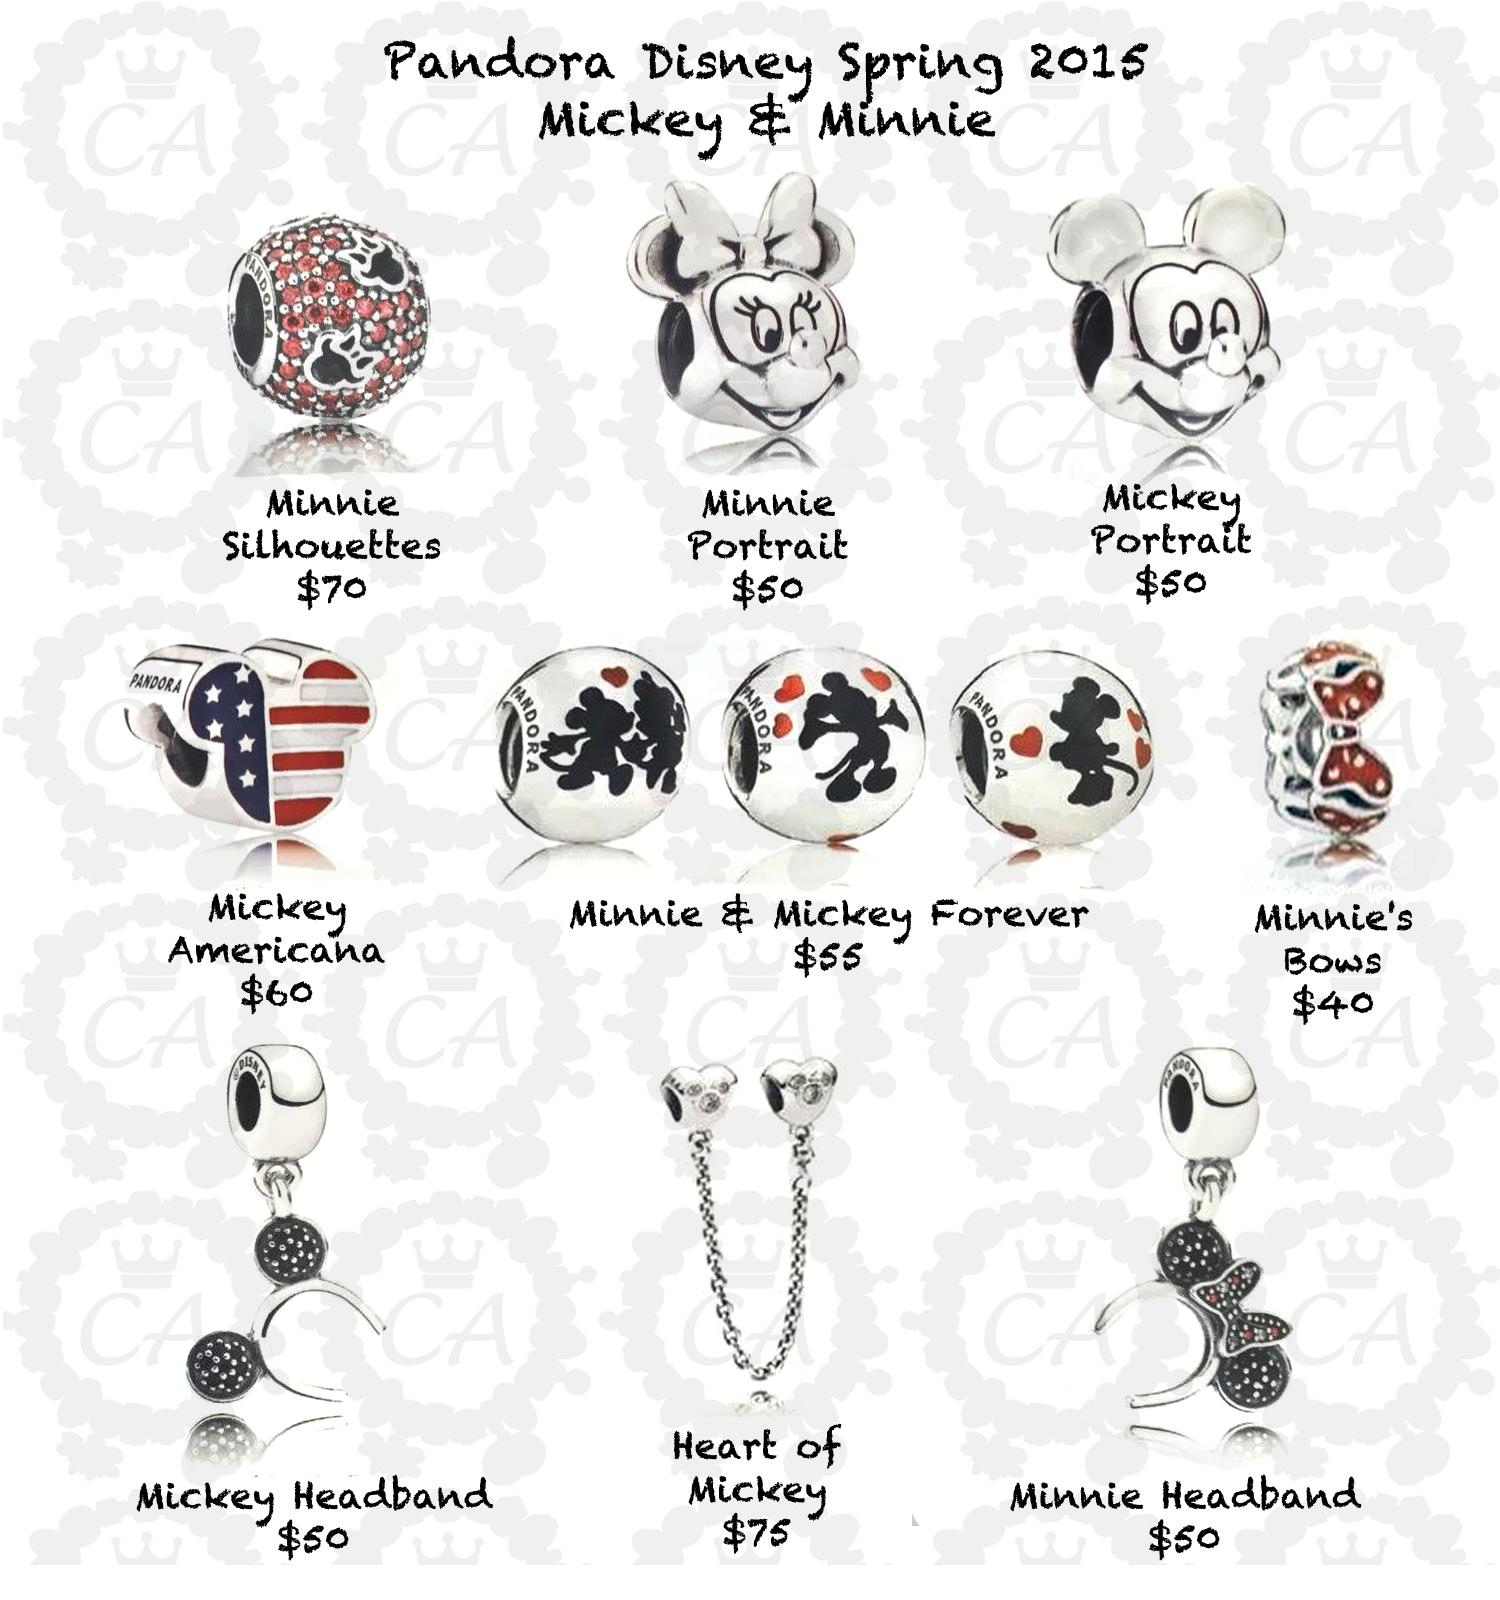 Pandora Jewelry Cost: Pandora Disney Spring 2015 Prices